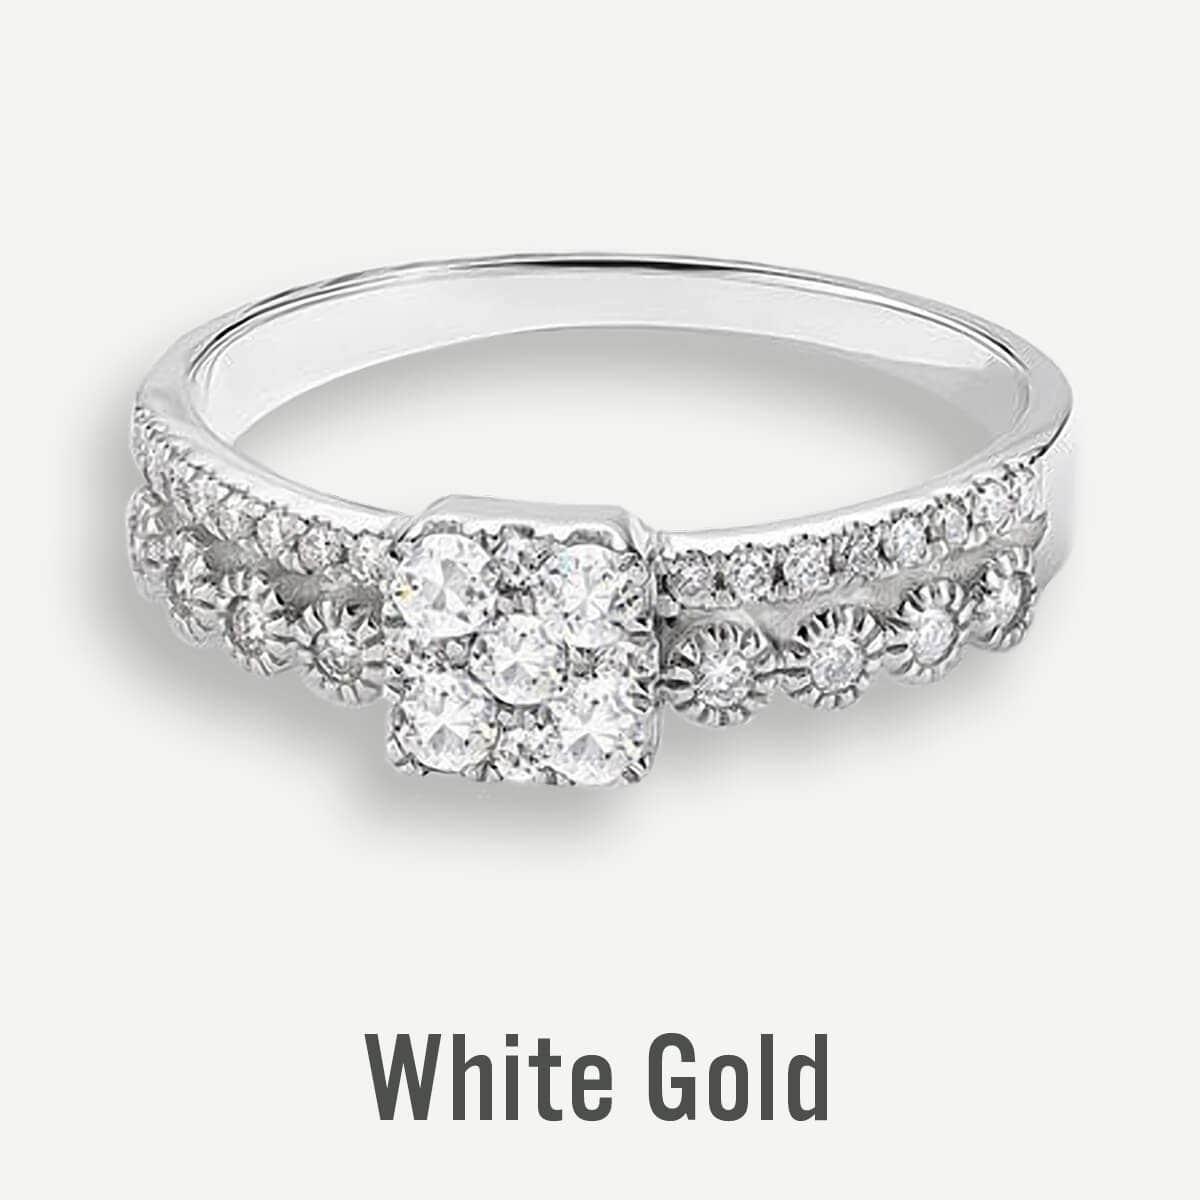 White Gold Promise Rings